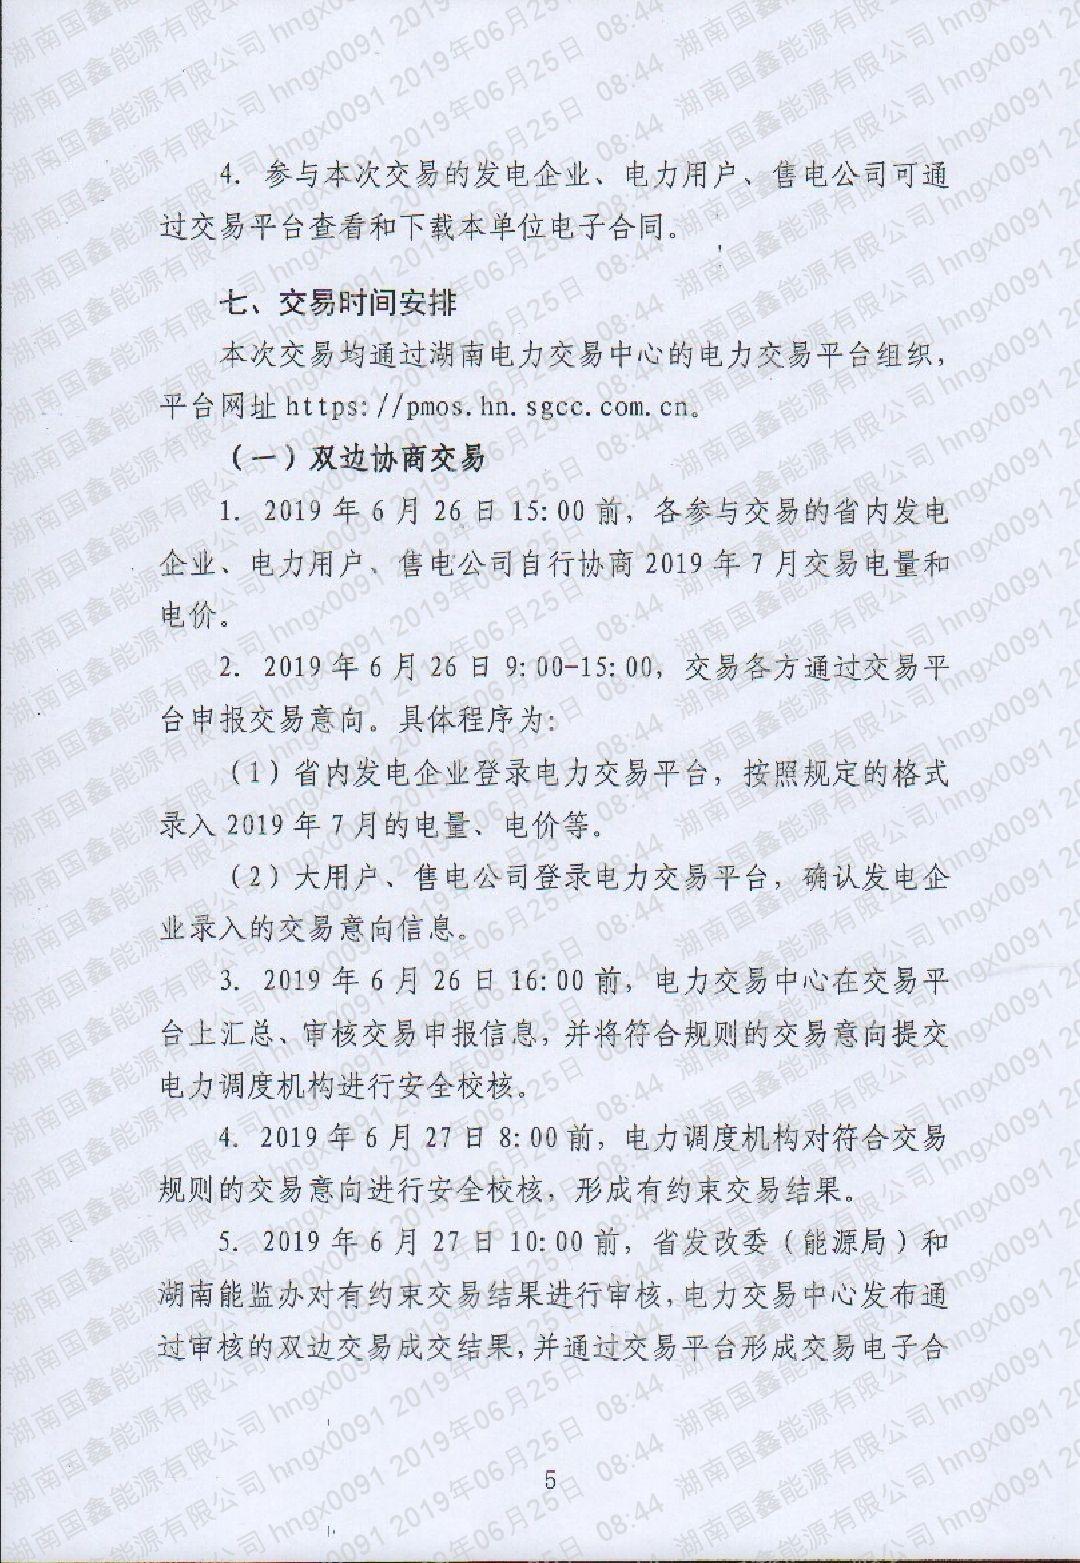 湖南電力交易中心有限公司關于2019年7月電力市場交易的公告(2019年13號).pdf_page_5_compressed_compressed.jpg